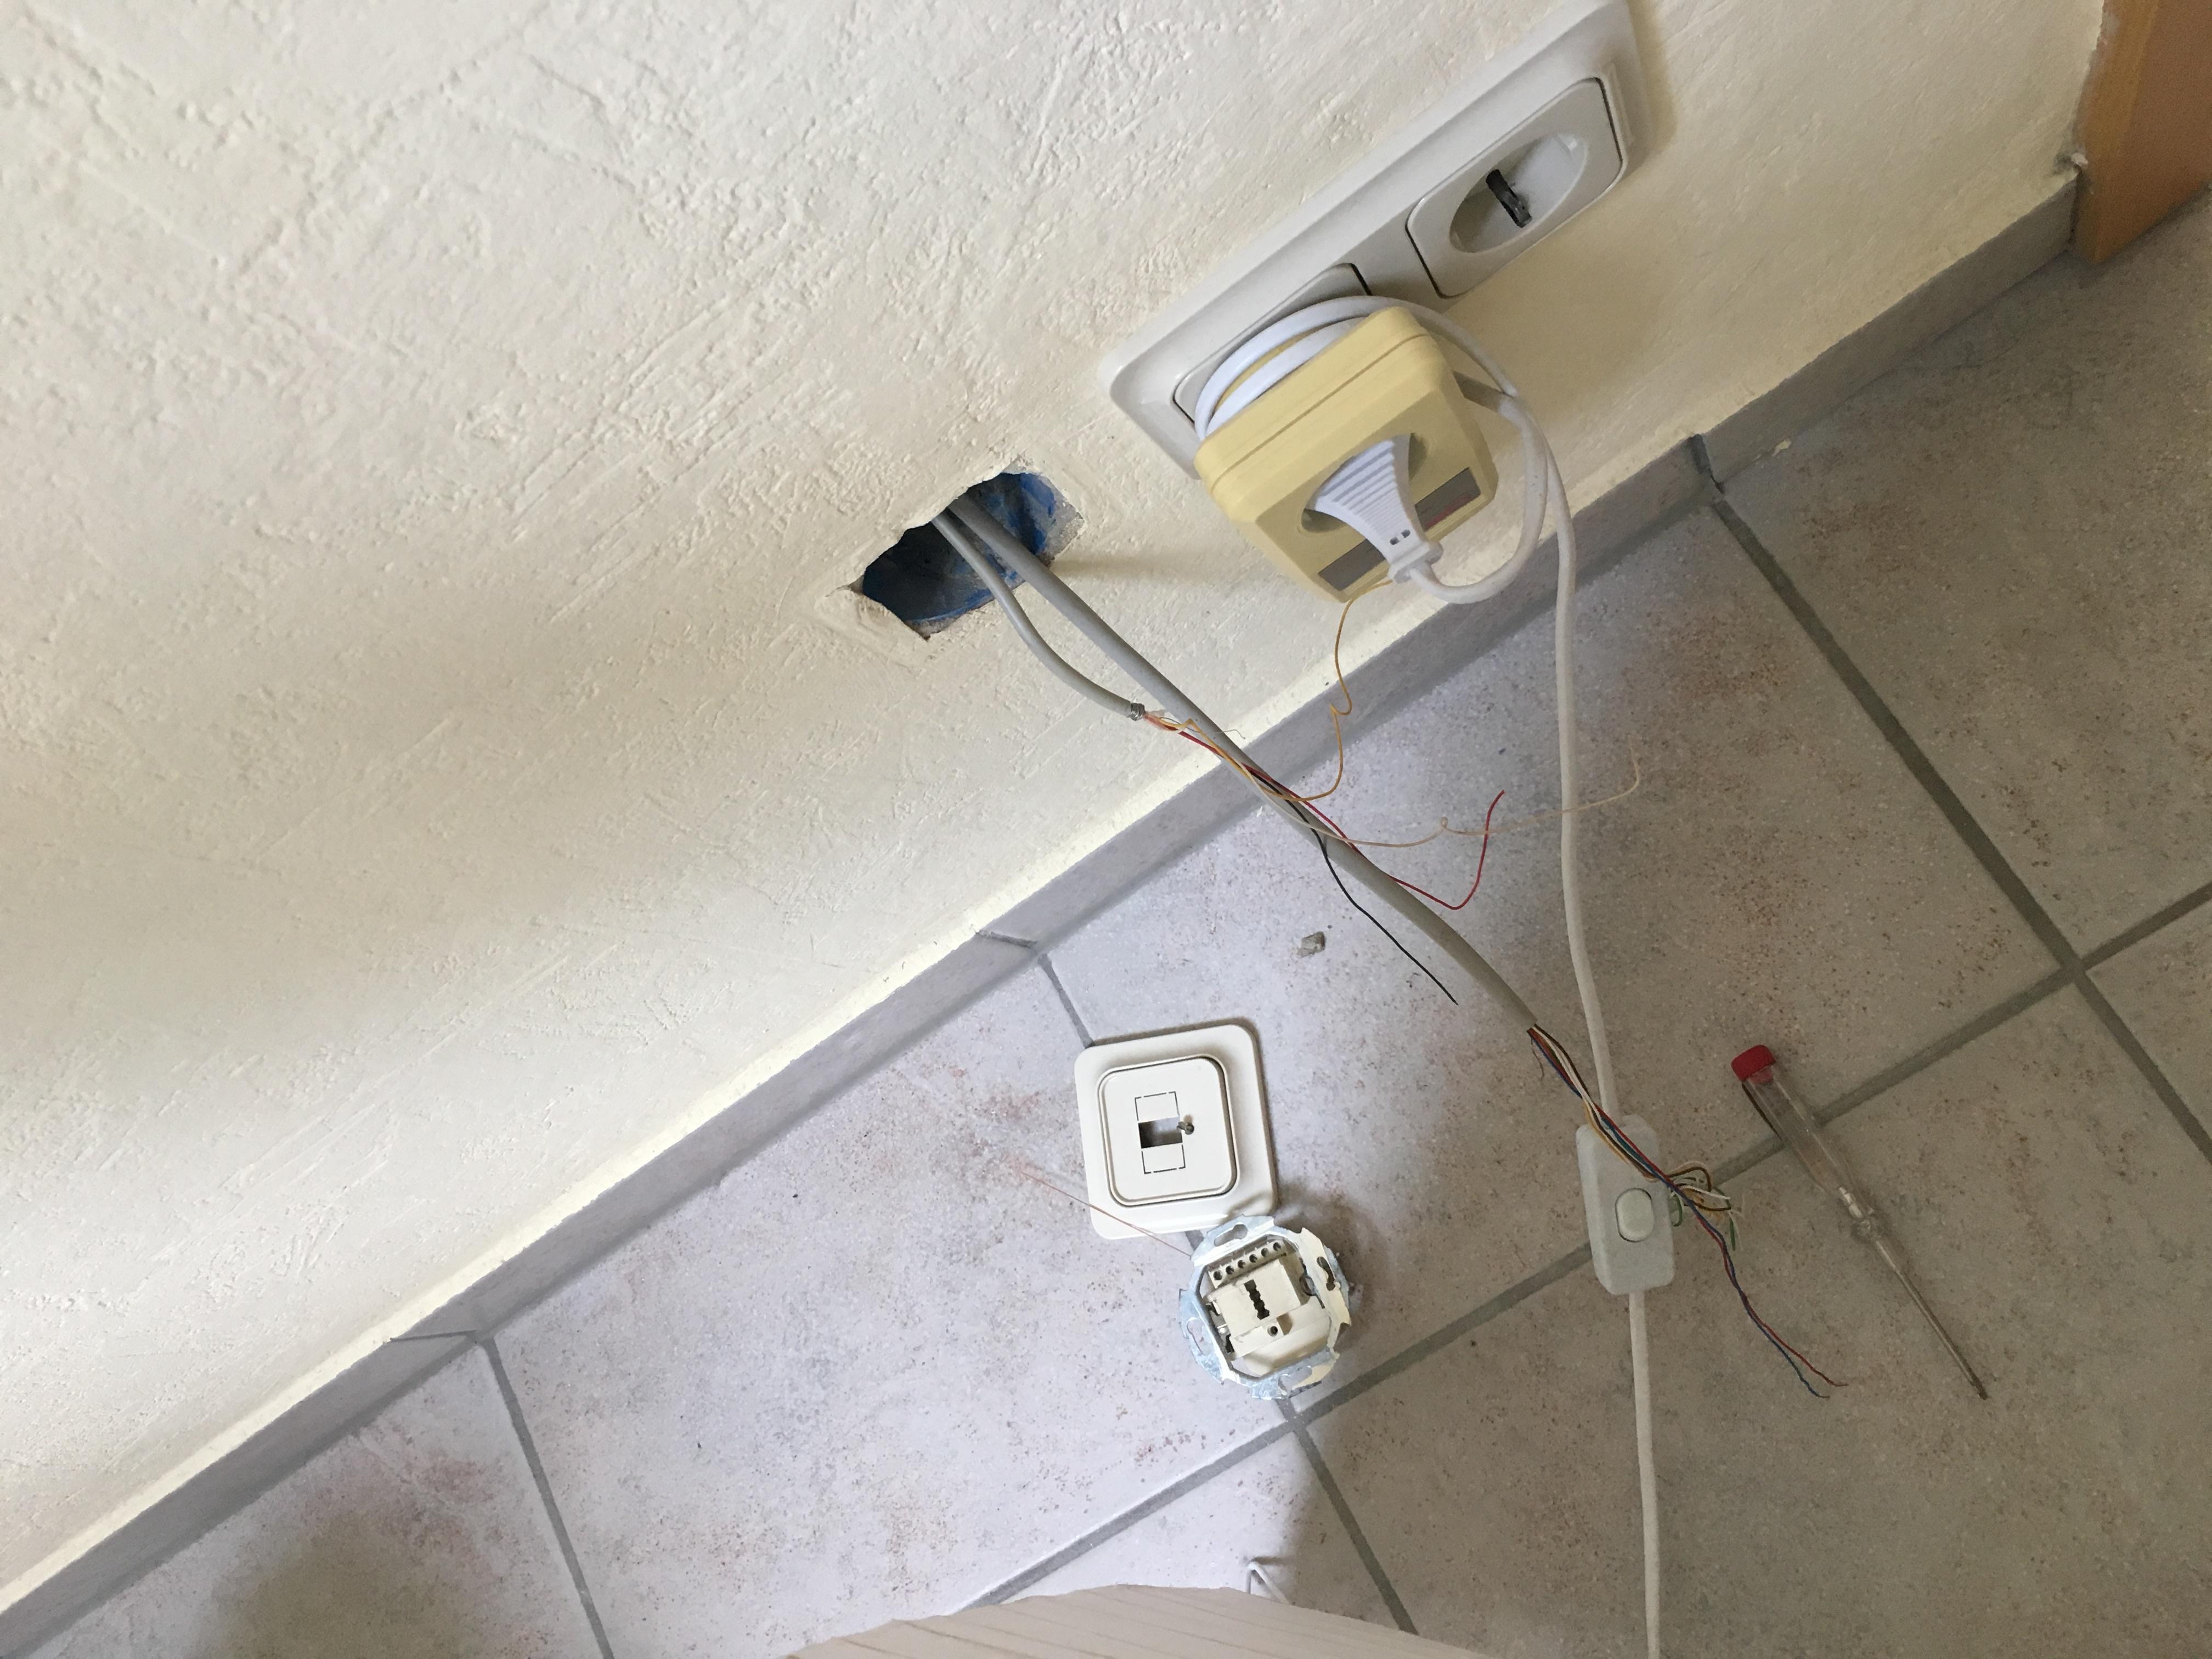 Thread Need Help Kabelerkennung Im Haus Some Wiring